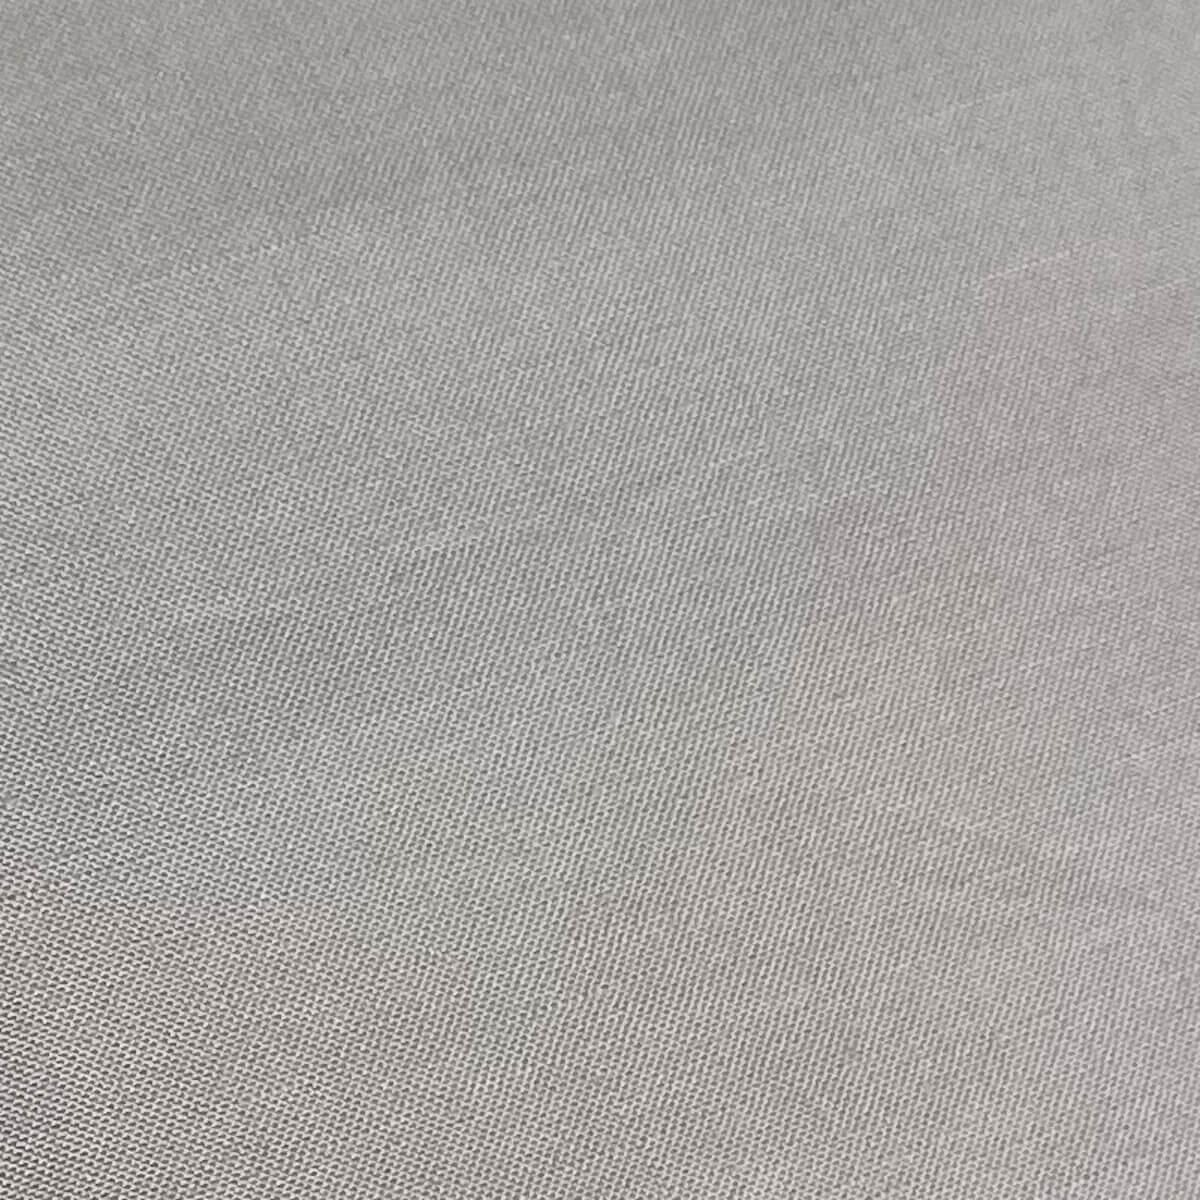 Liege-Dach bodentief-Fallschutz niedrig KASVA mit Textilien Viena grey